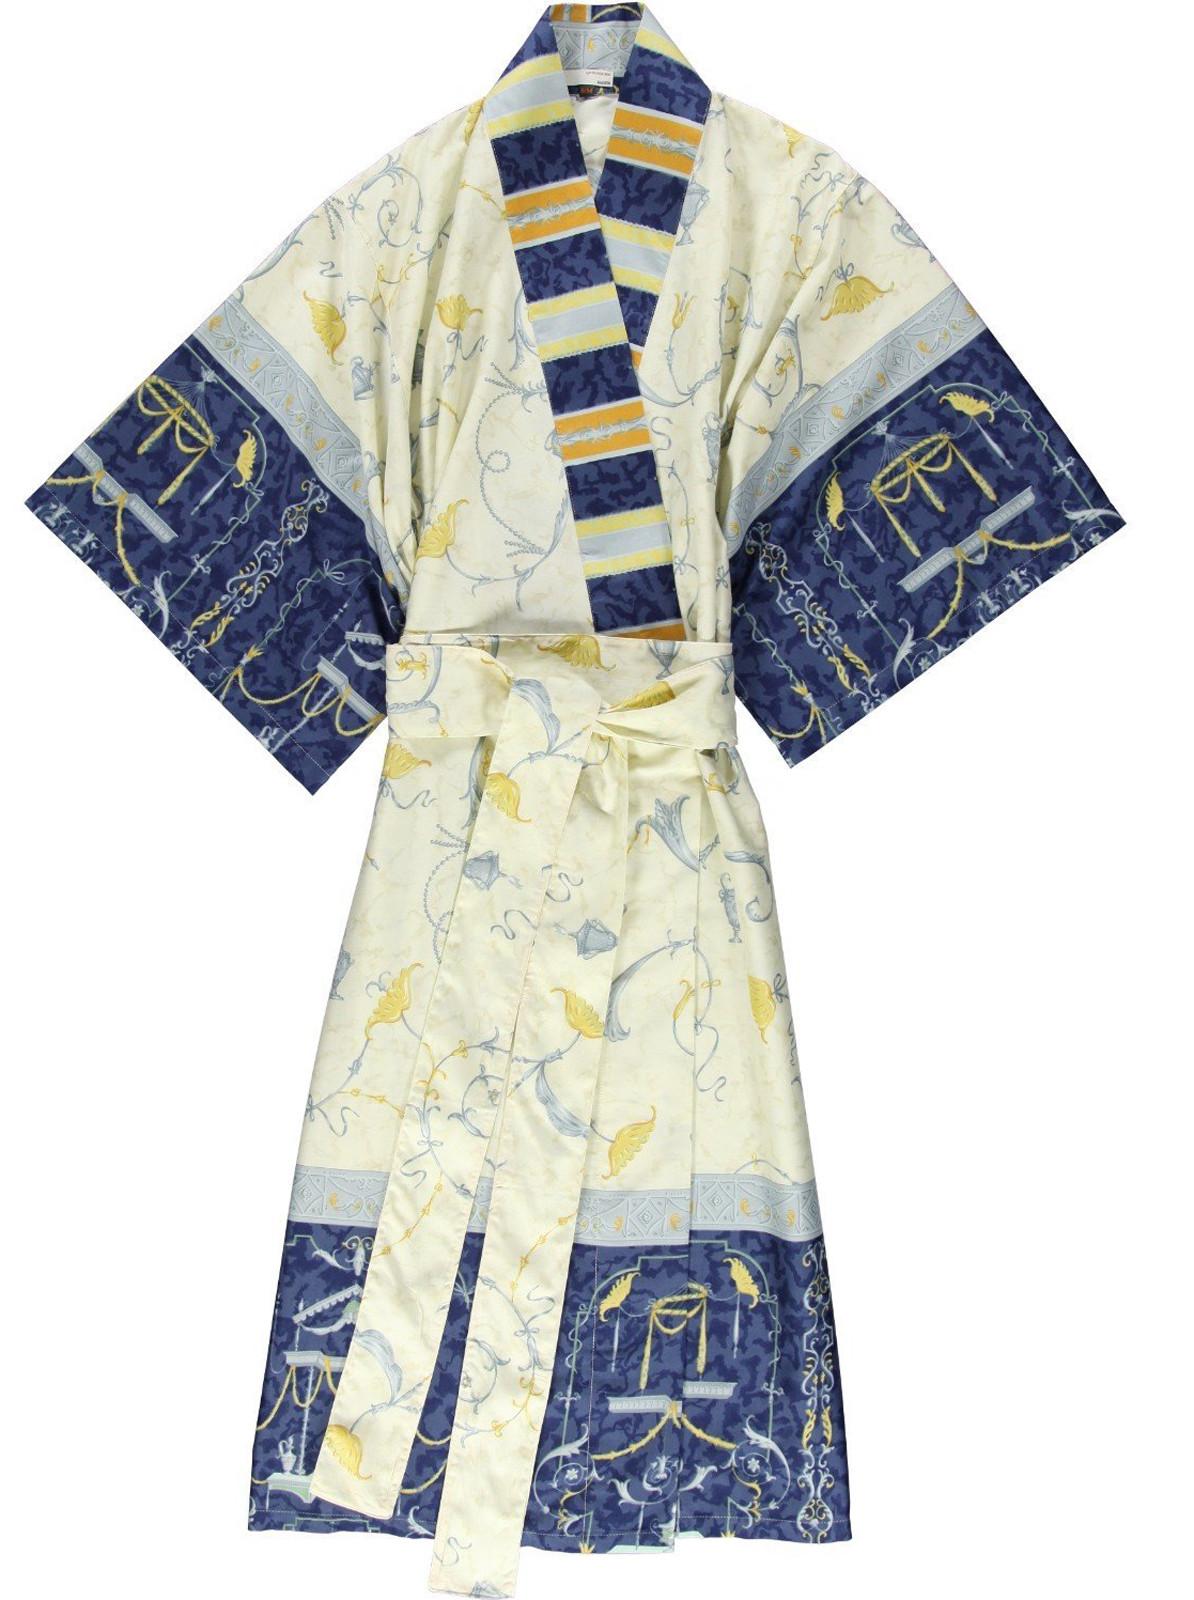 Bassetti Damen Kimono Oplontis V9 Blau S-M L-XL